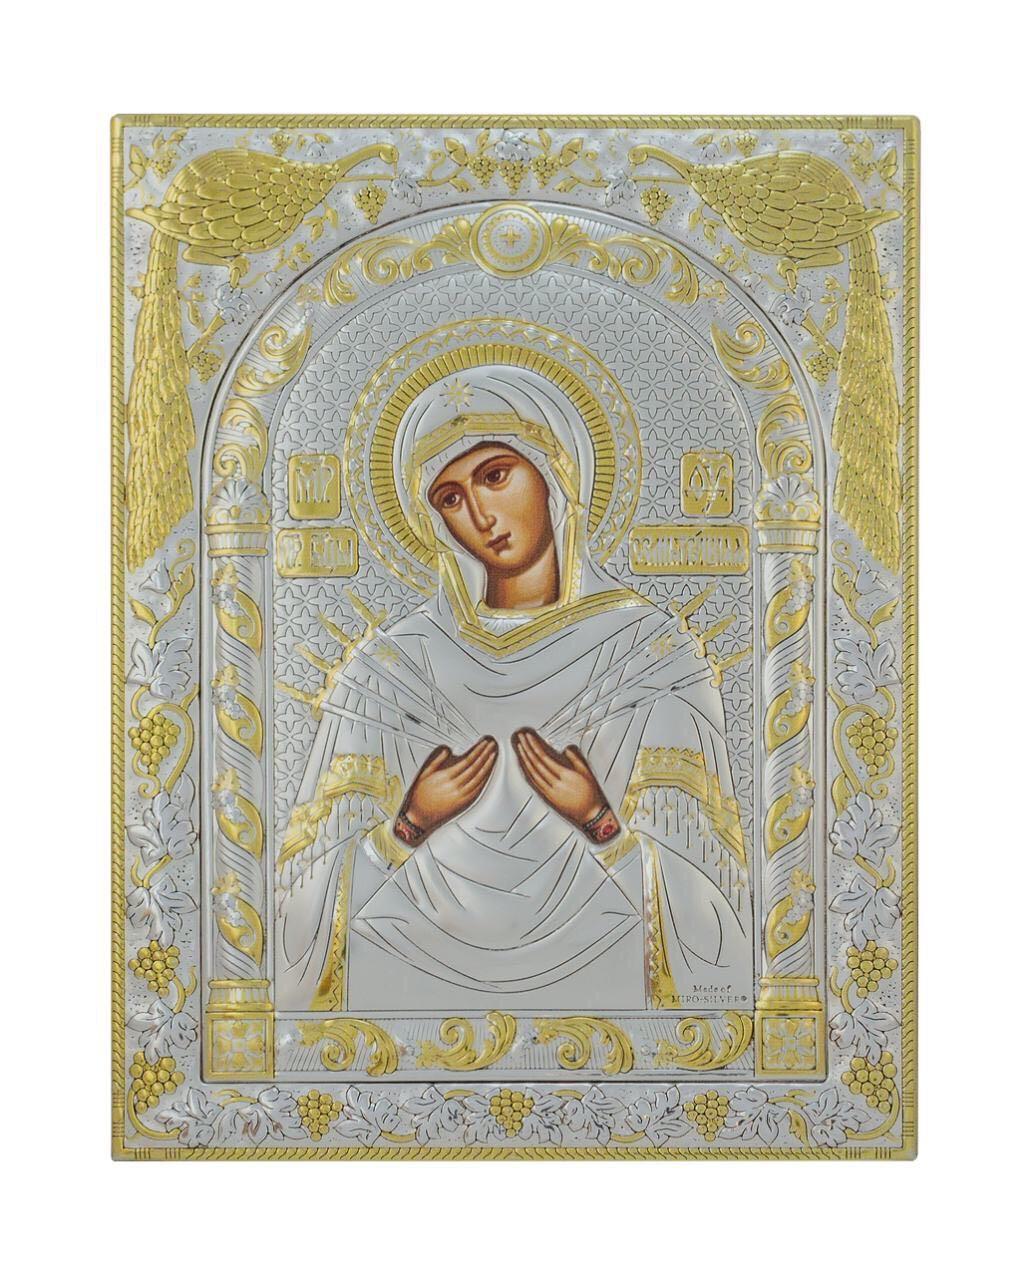 Семистрельная икона Божьей Матери  150 мм х 200 мм серебряная с позолотой